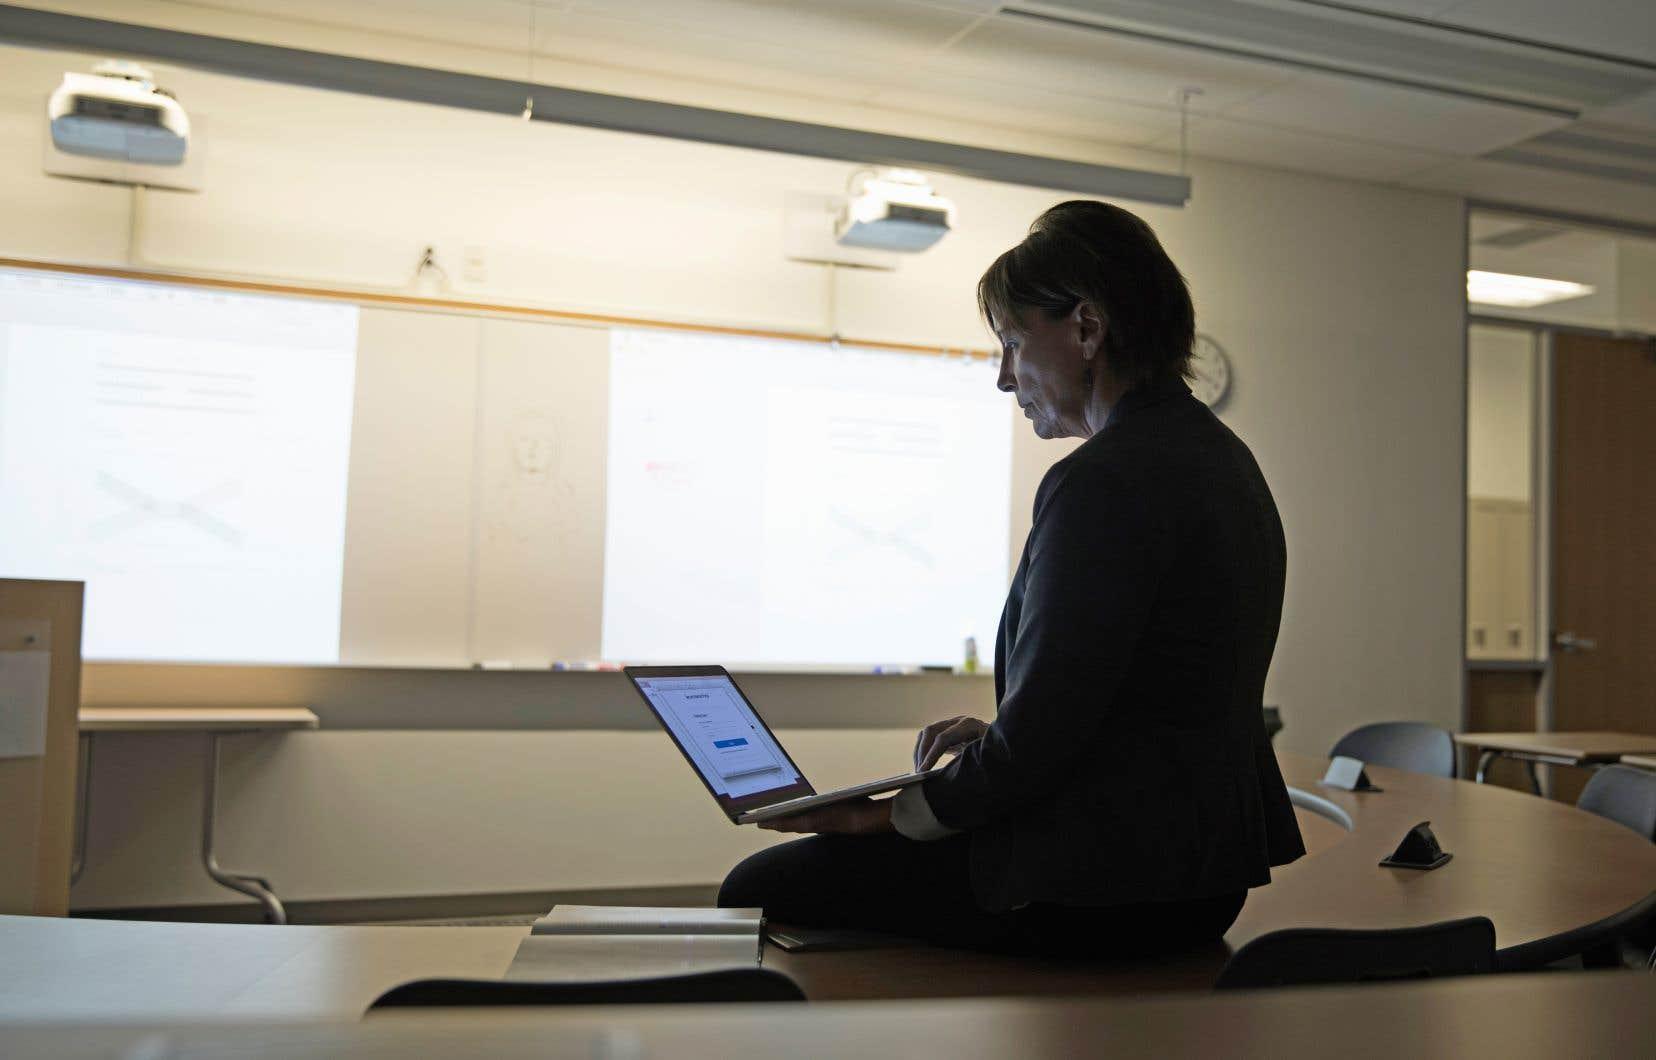 Pour le tiers des professeurs d'université sondés, la charge de travail a augmenté «d'au moins dix heures de plus par semaine» depuis le début de la pandémie.